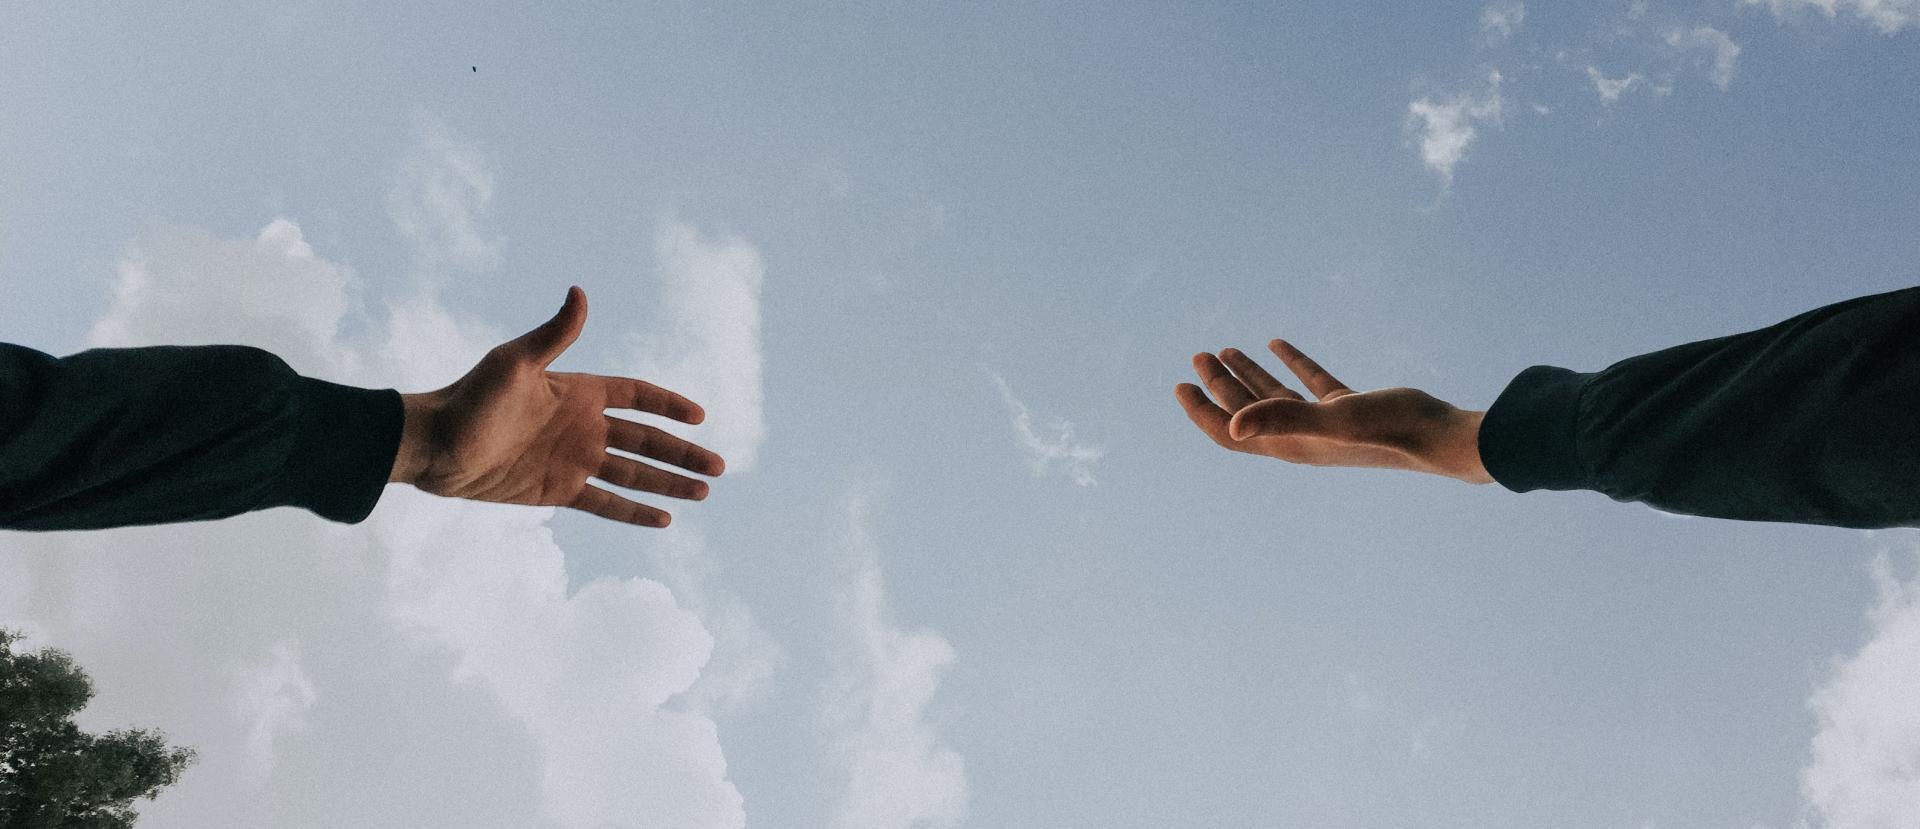 Header-Bild: Hände, die aufeinander zu gehen, gereicht werden